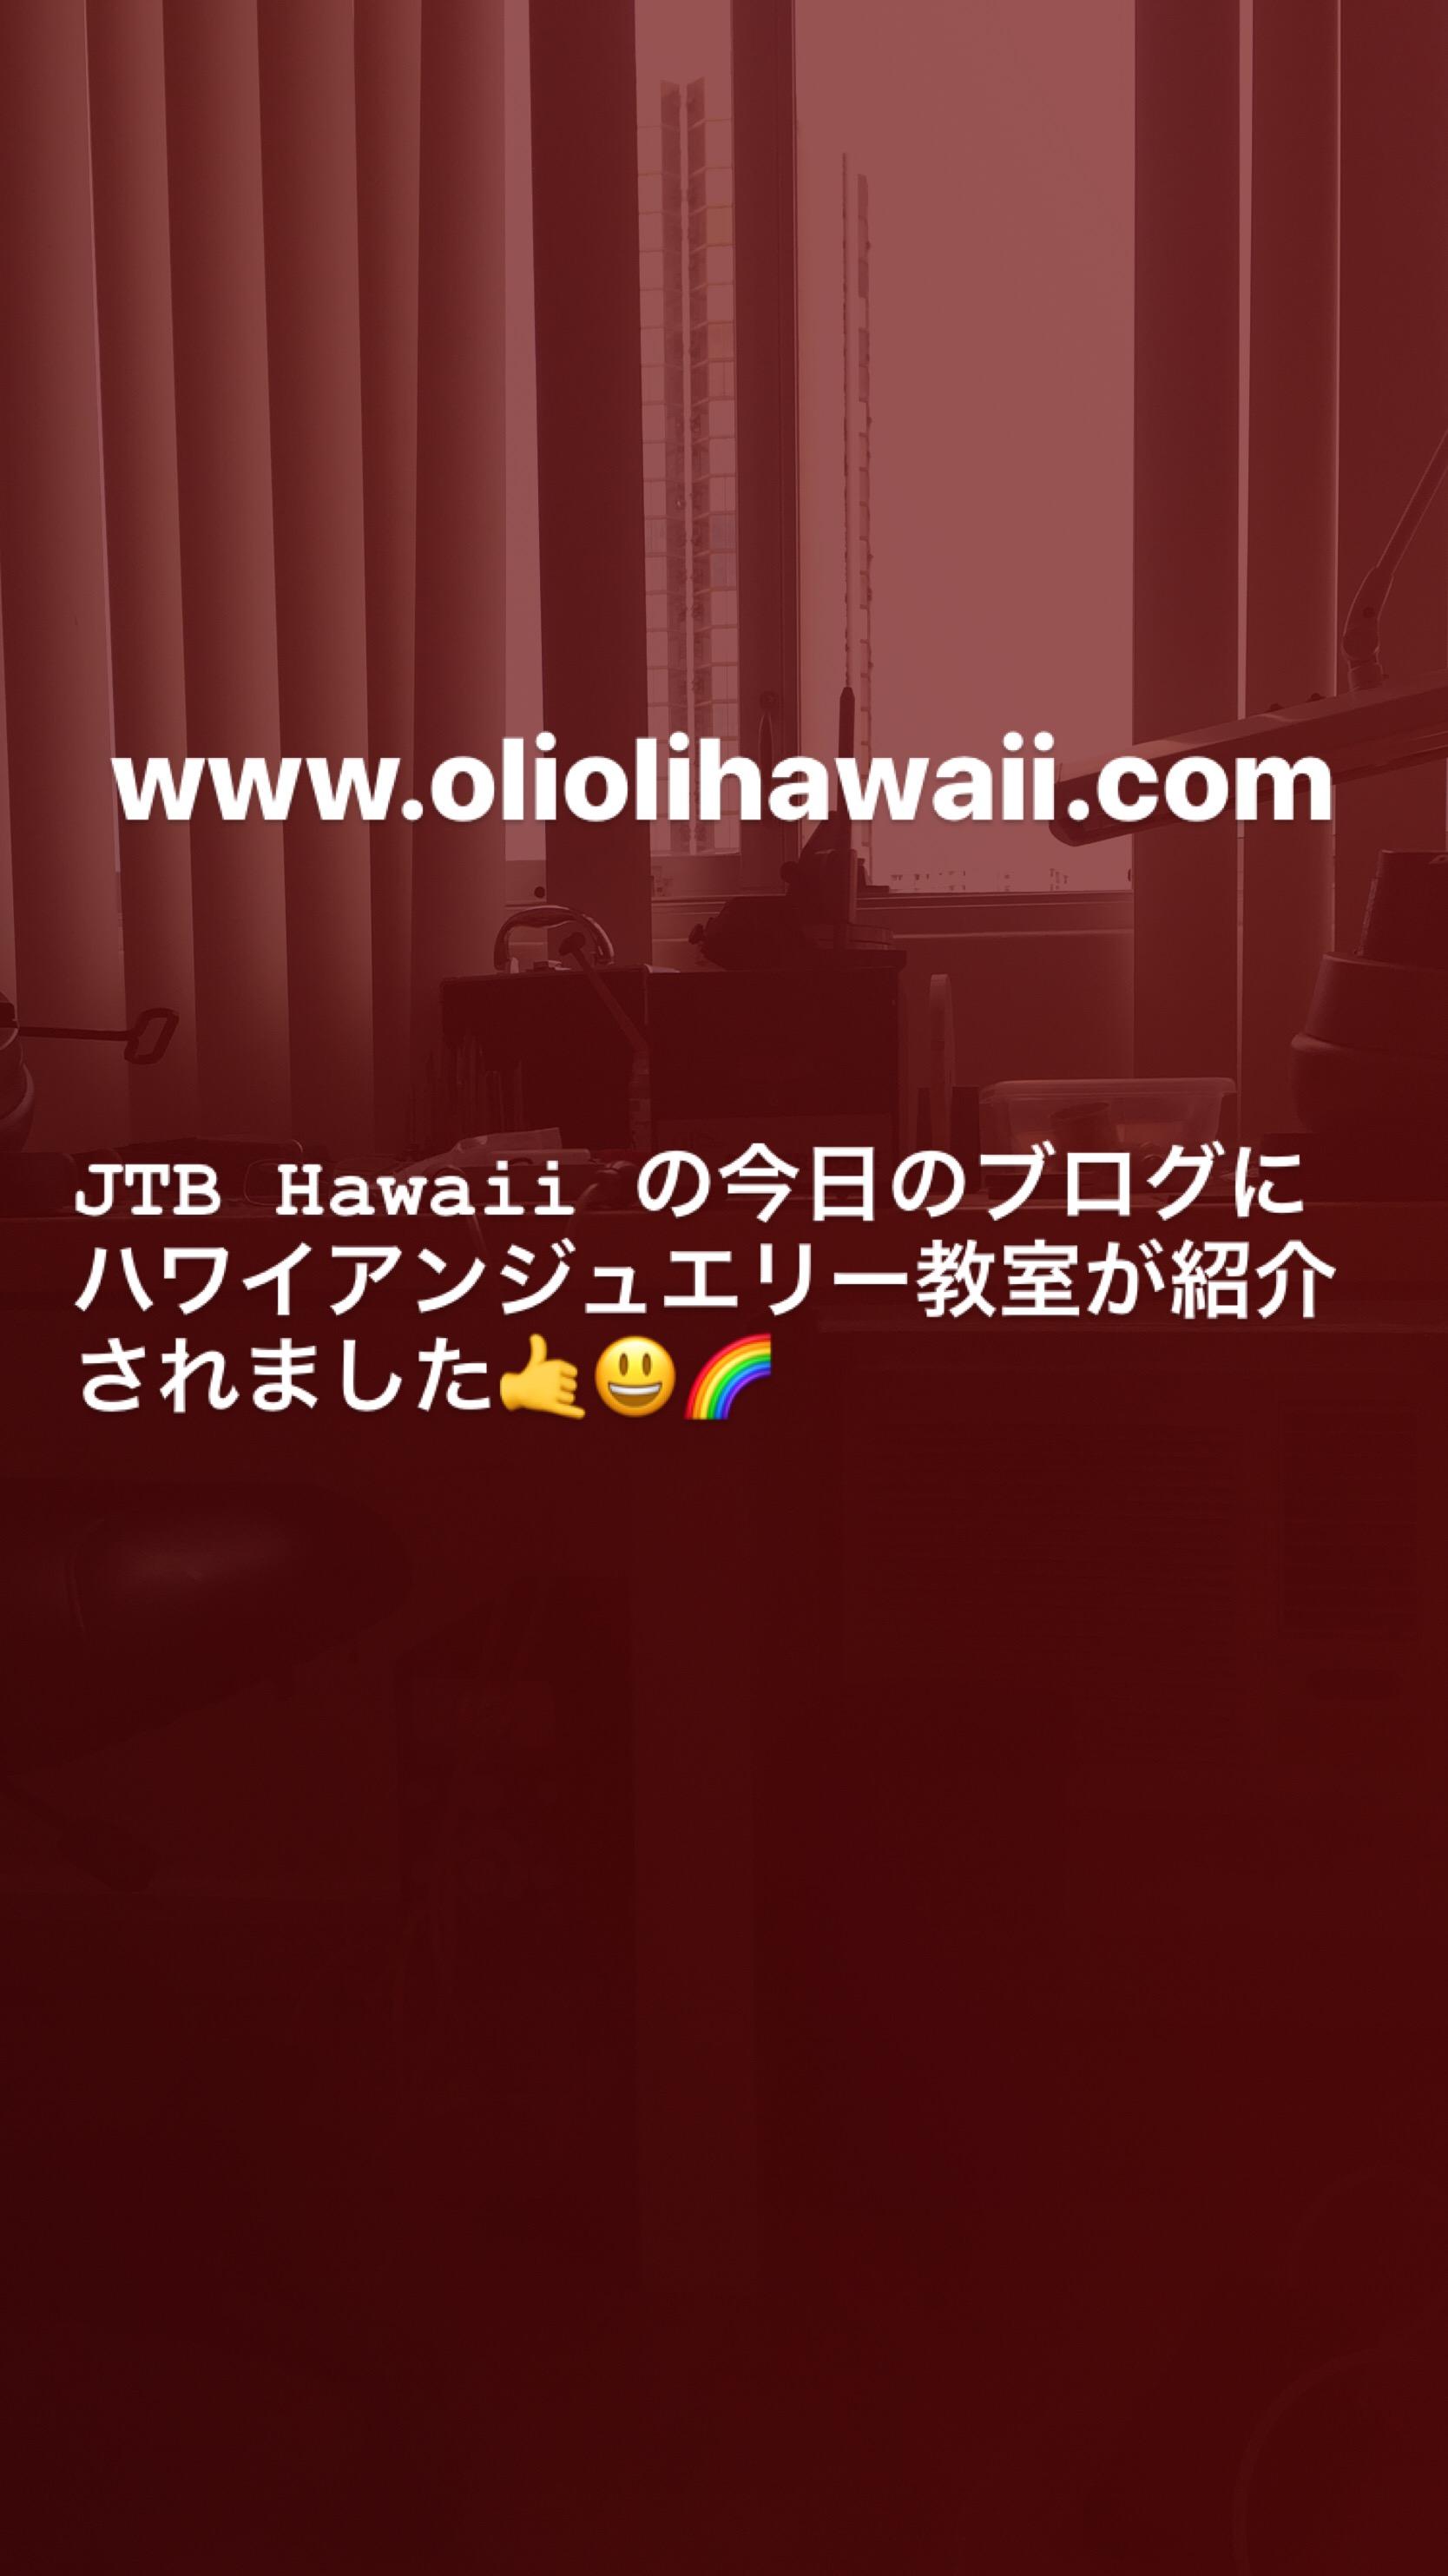 今日のJTB Hawaiiのブログに教室が紹介されました‼︎